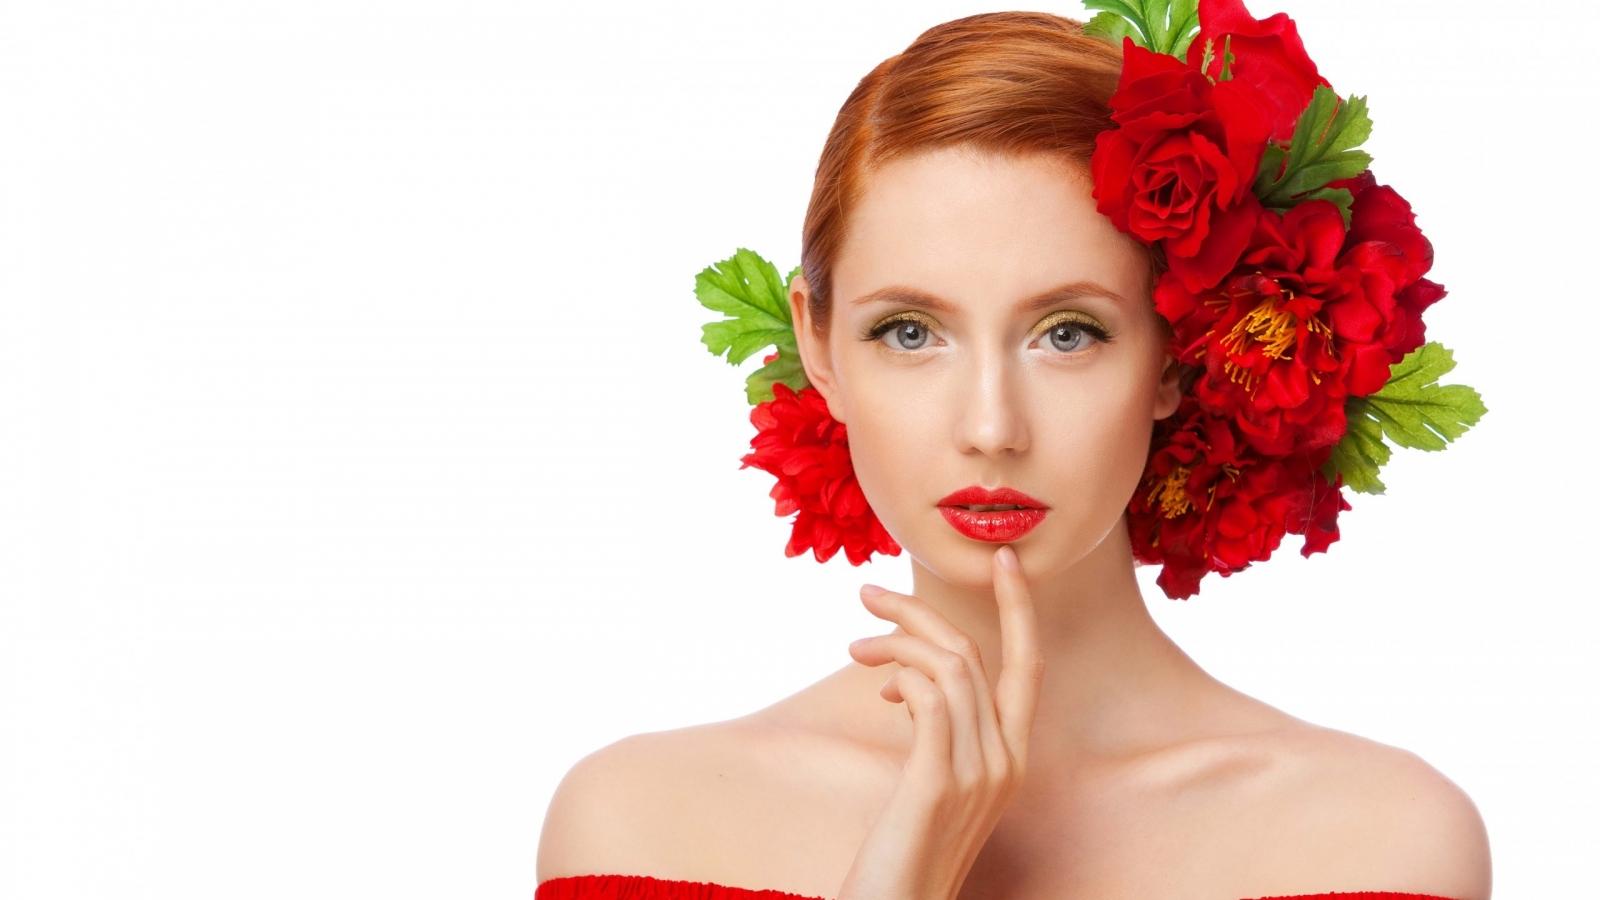 Peinado con rosas rojas - 1600x900